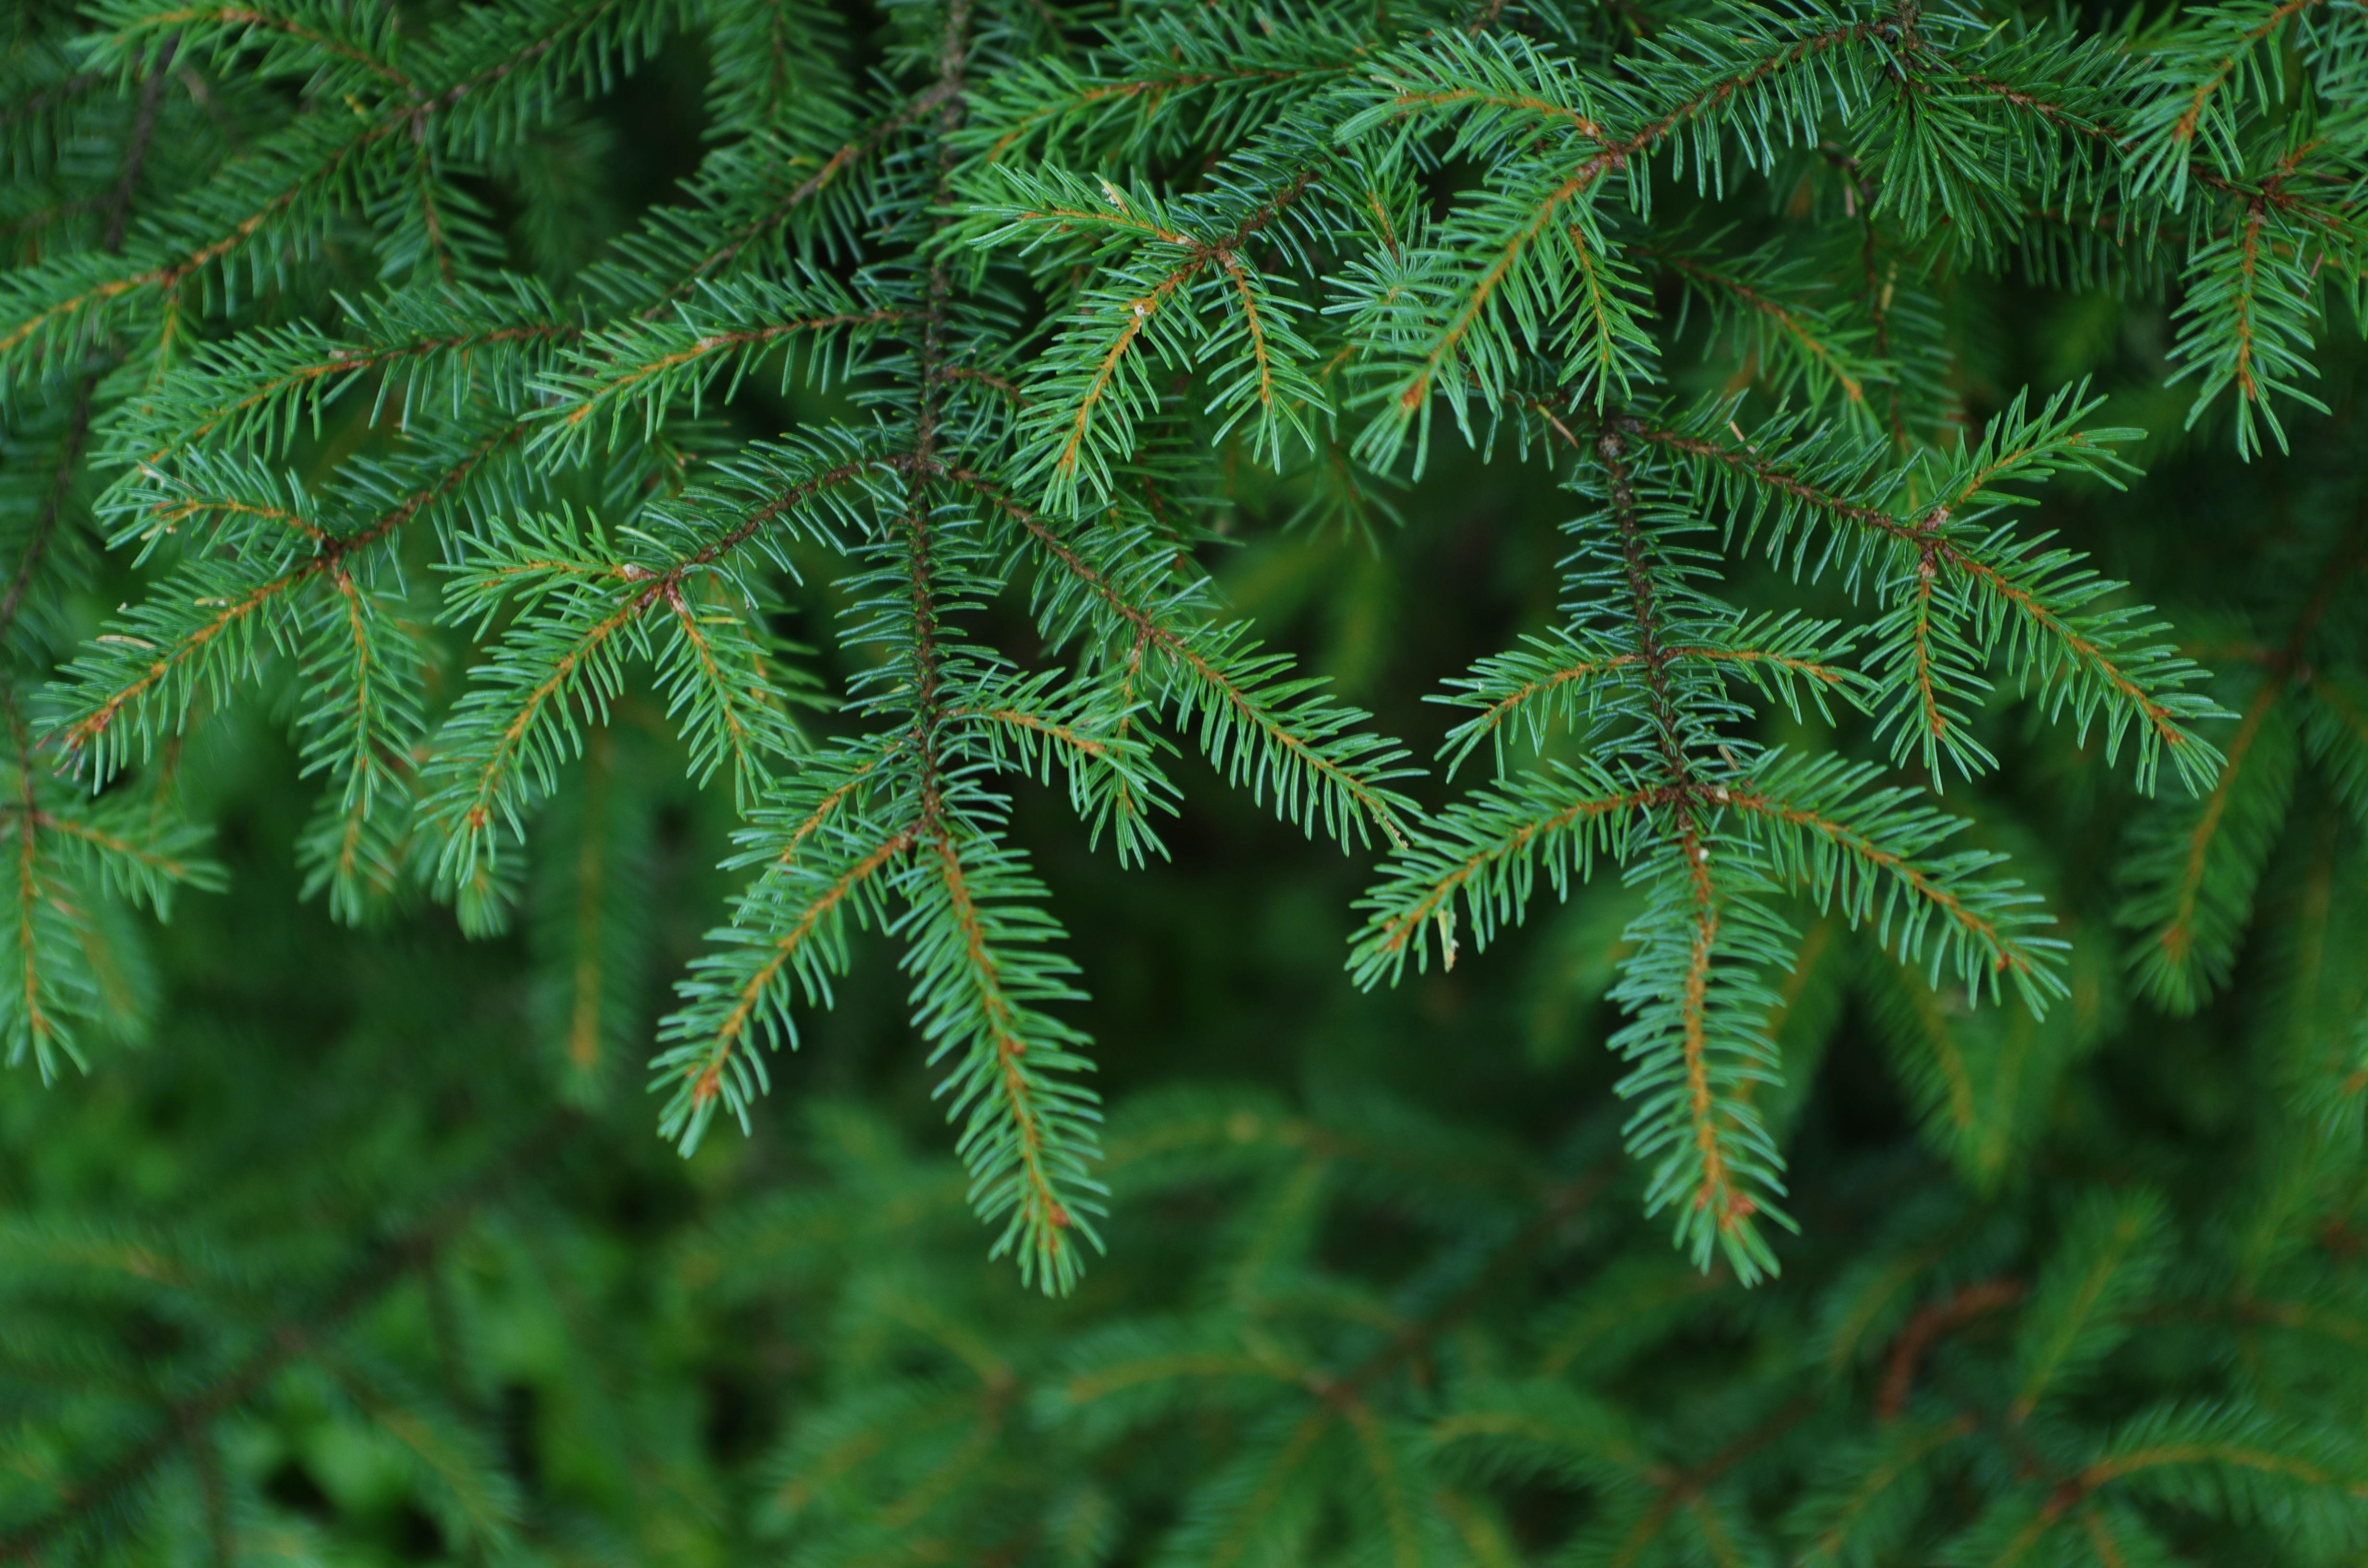 Картинка с еловыми ветками, картинка дню